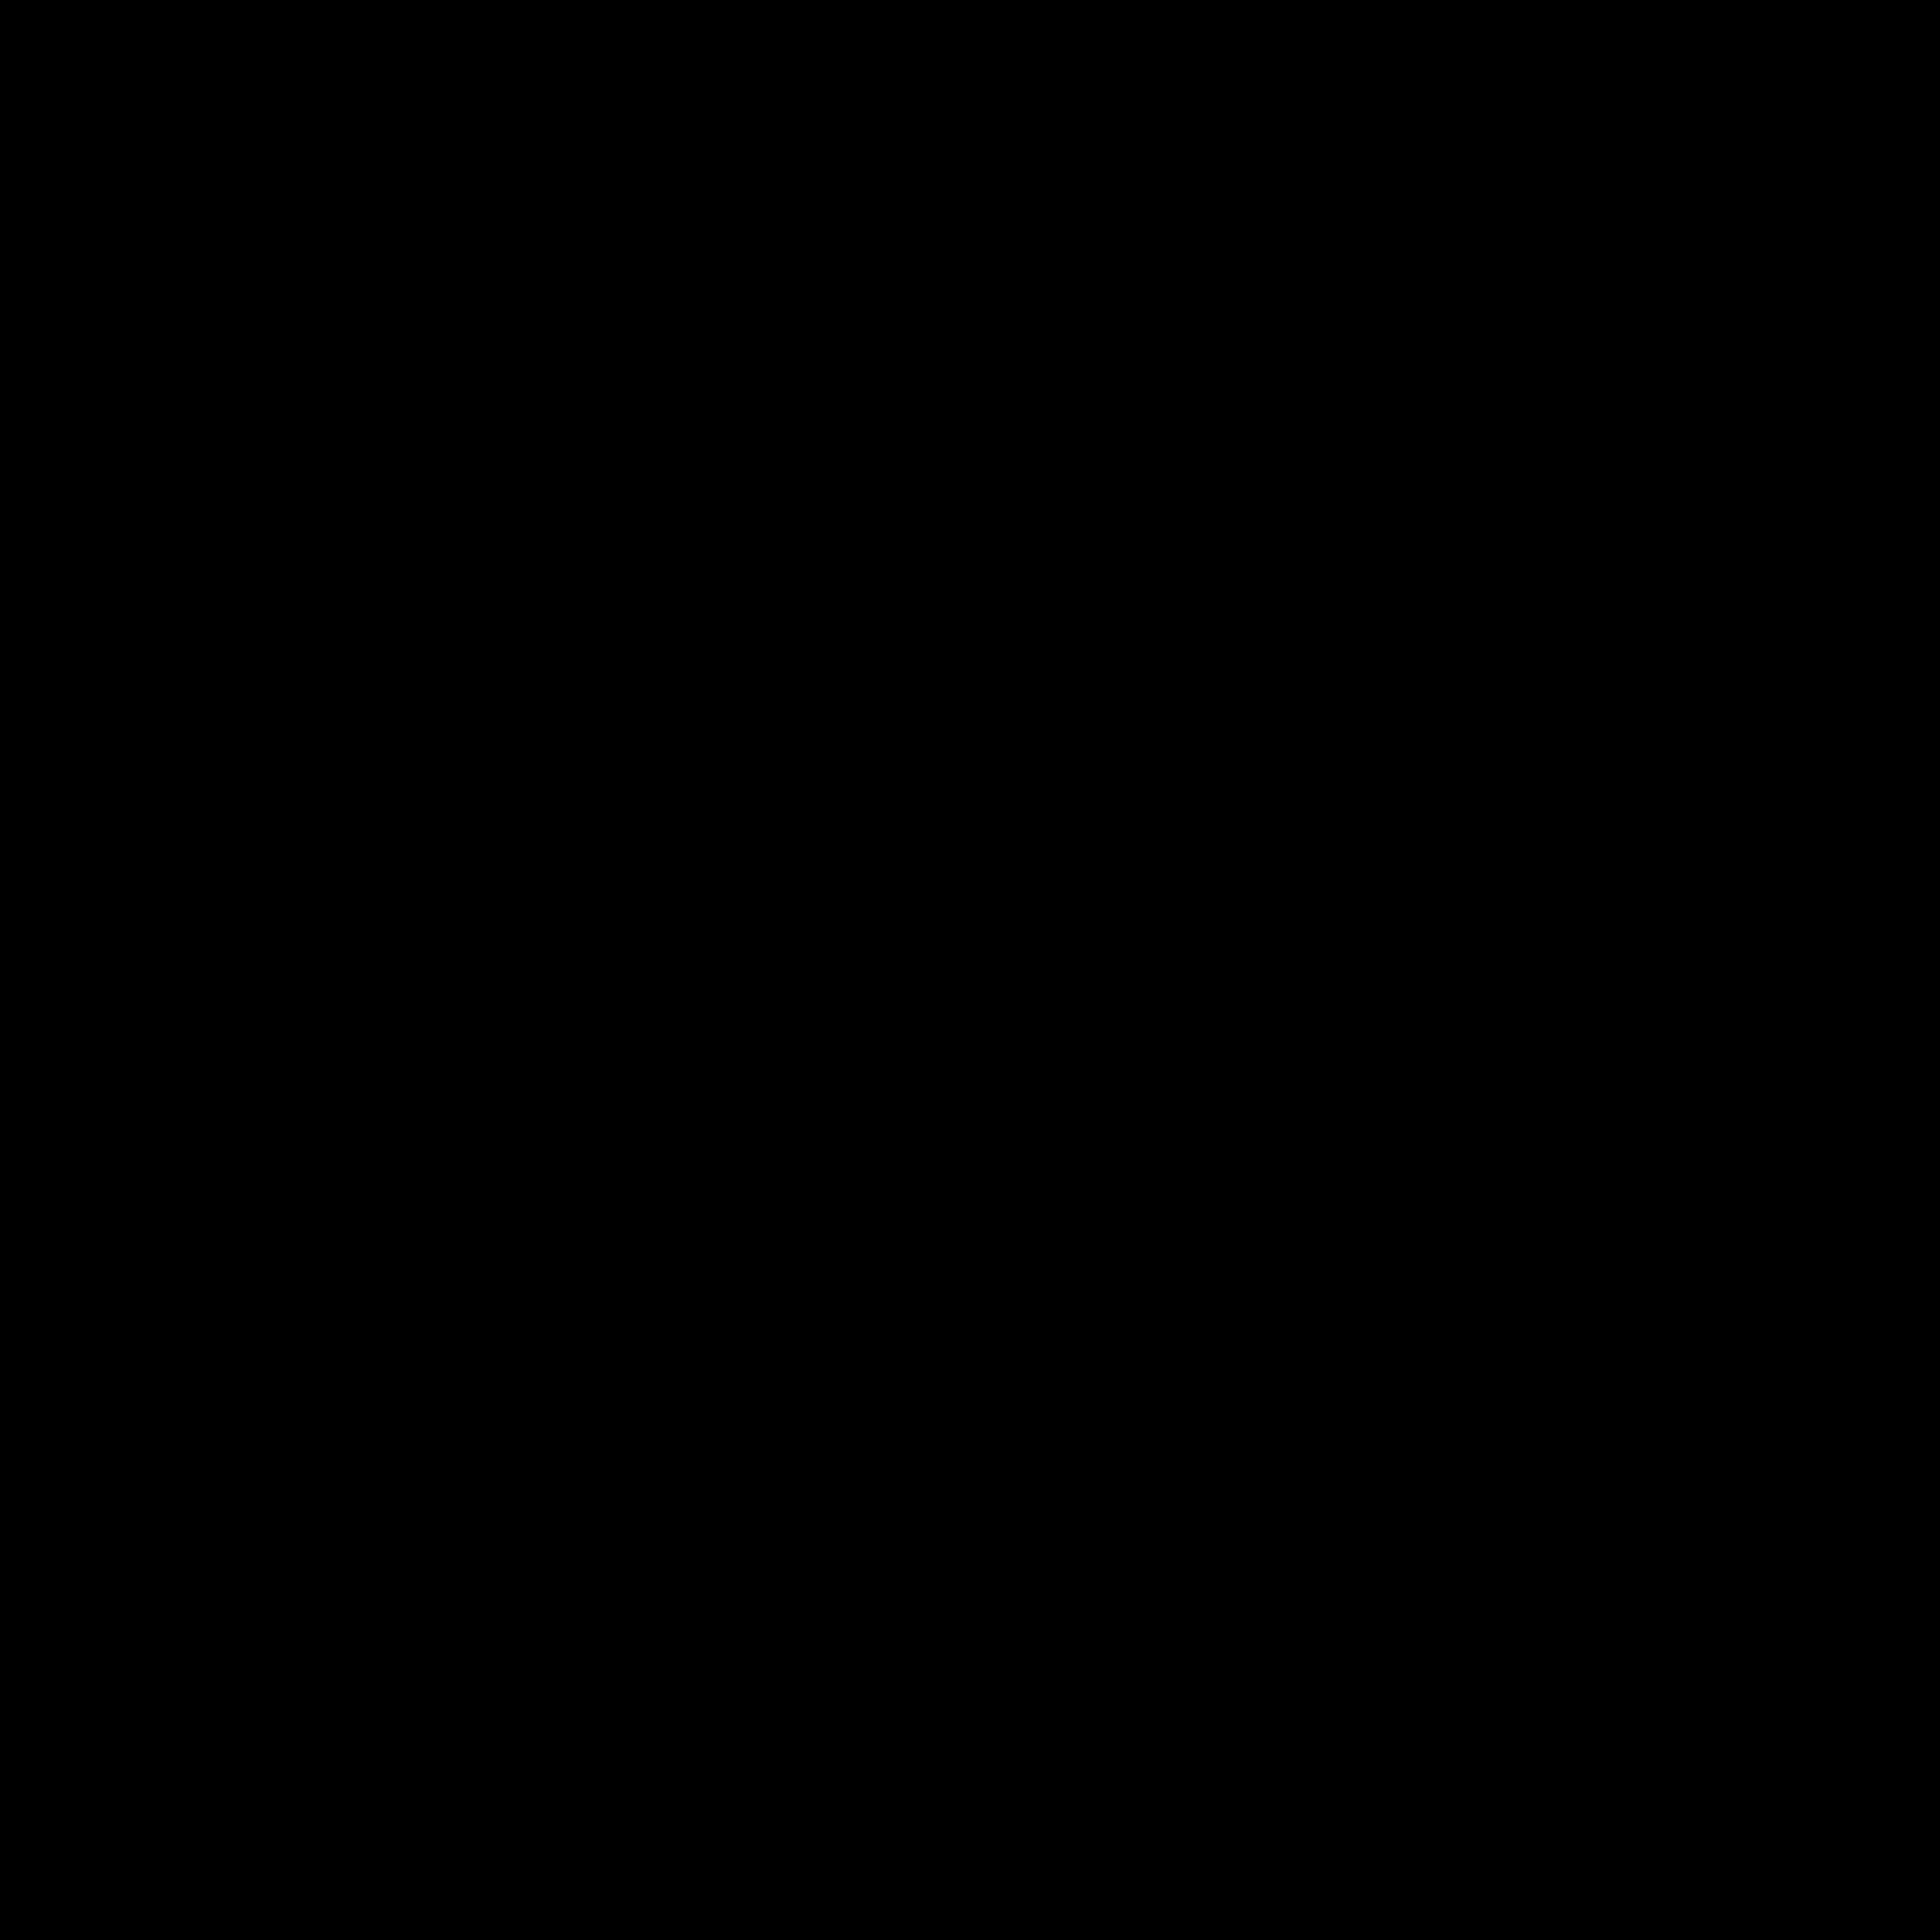 Dopolavoro Fluviale - Sorsi & Morsi - cover evento